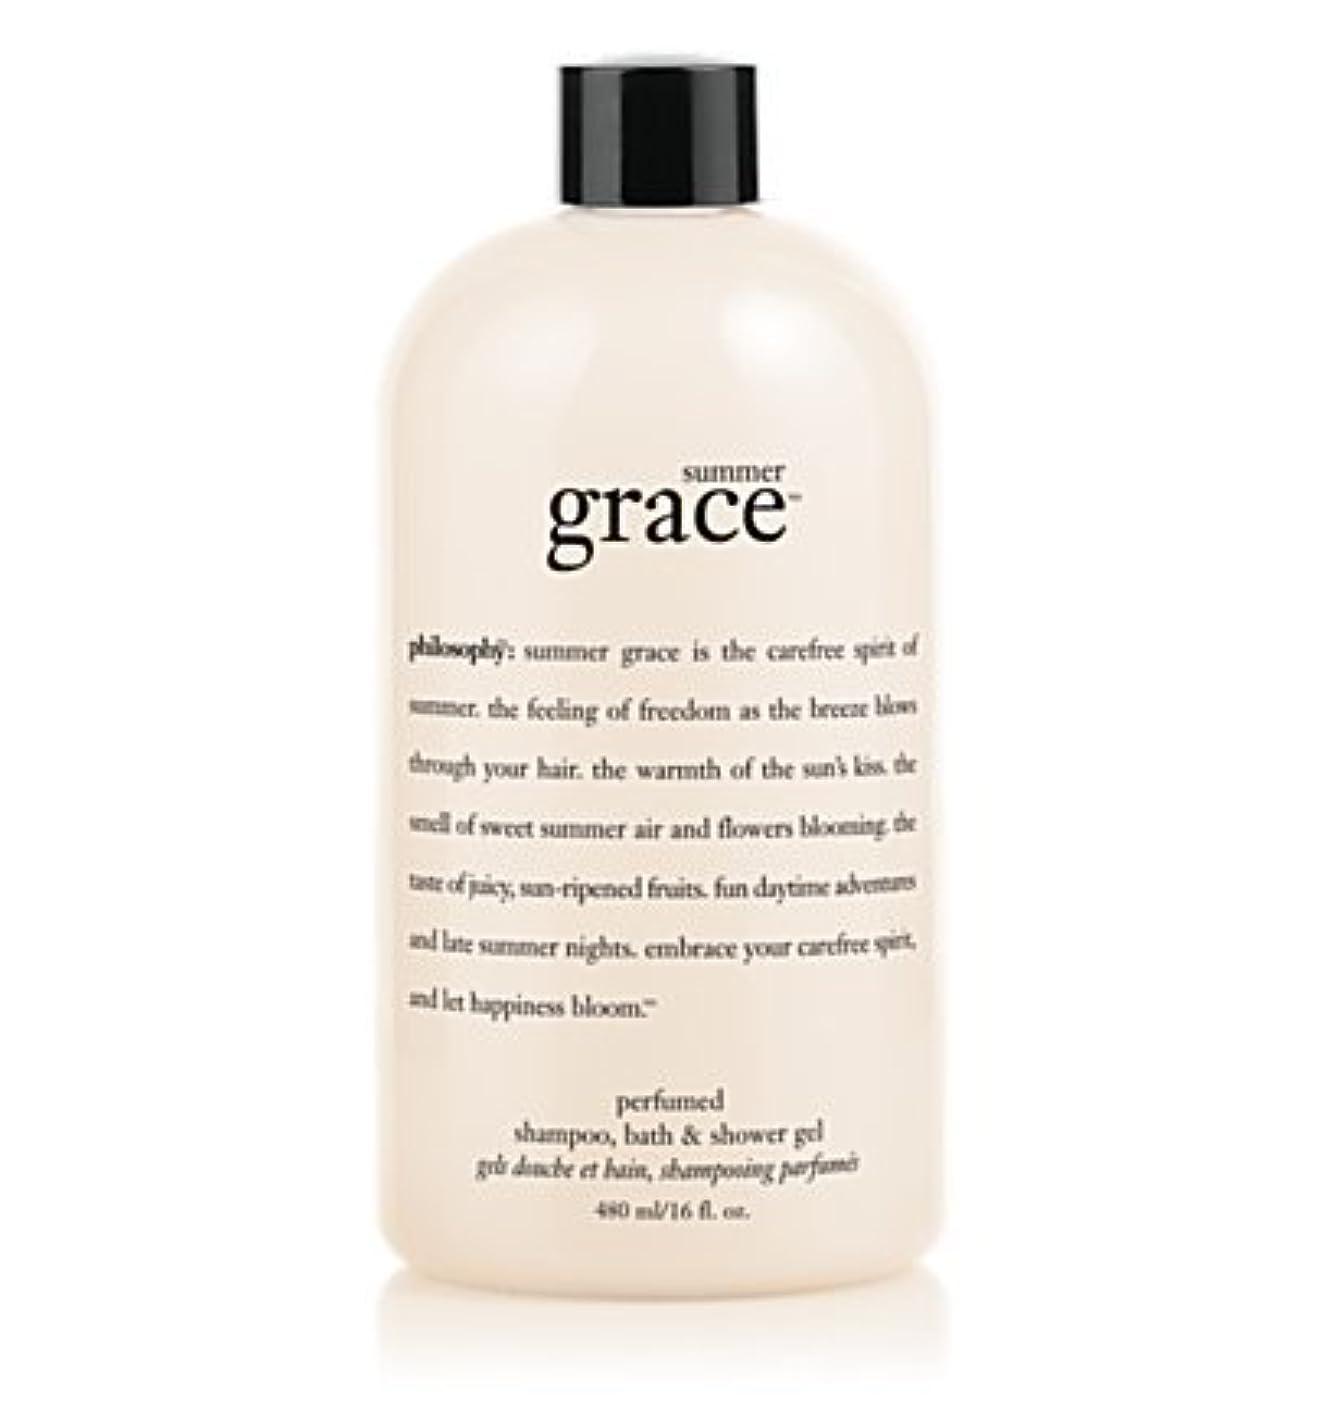 パーツ平和的管理する'summer grace (サマーグレイス) 16.0 oz (480ml) perfumed shampoo, bath & shower gel for Women